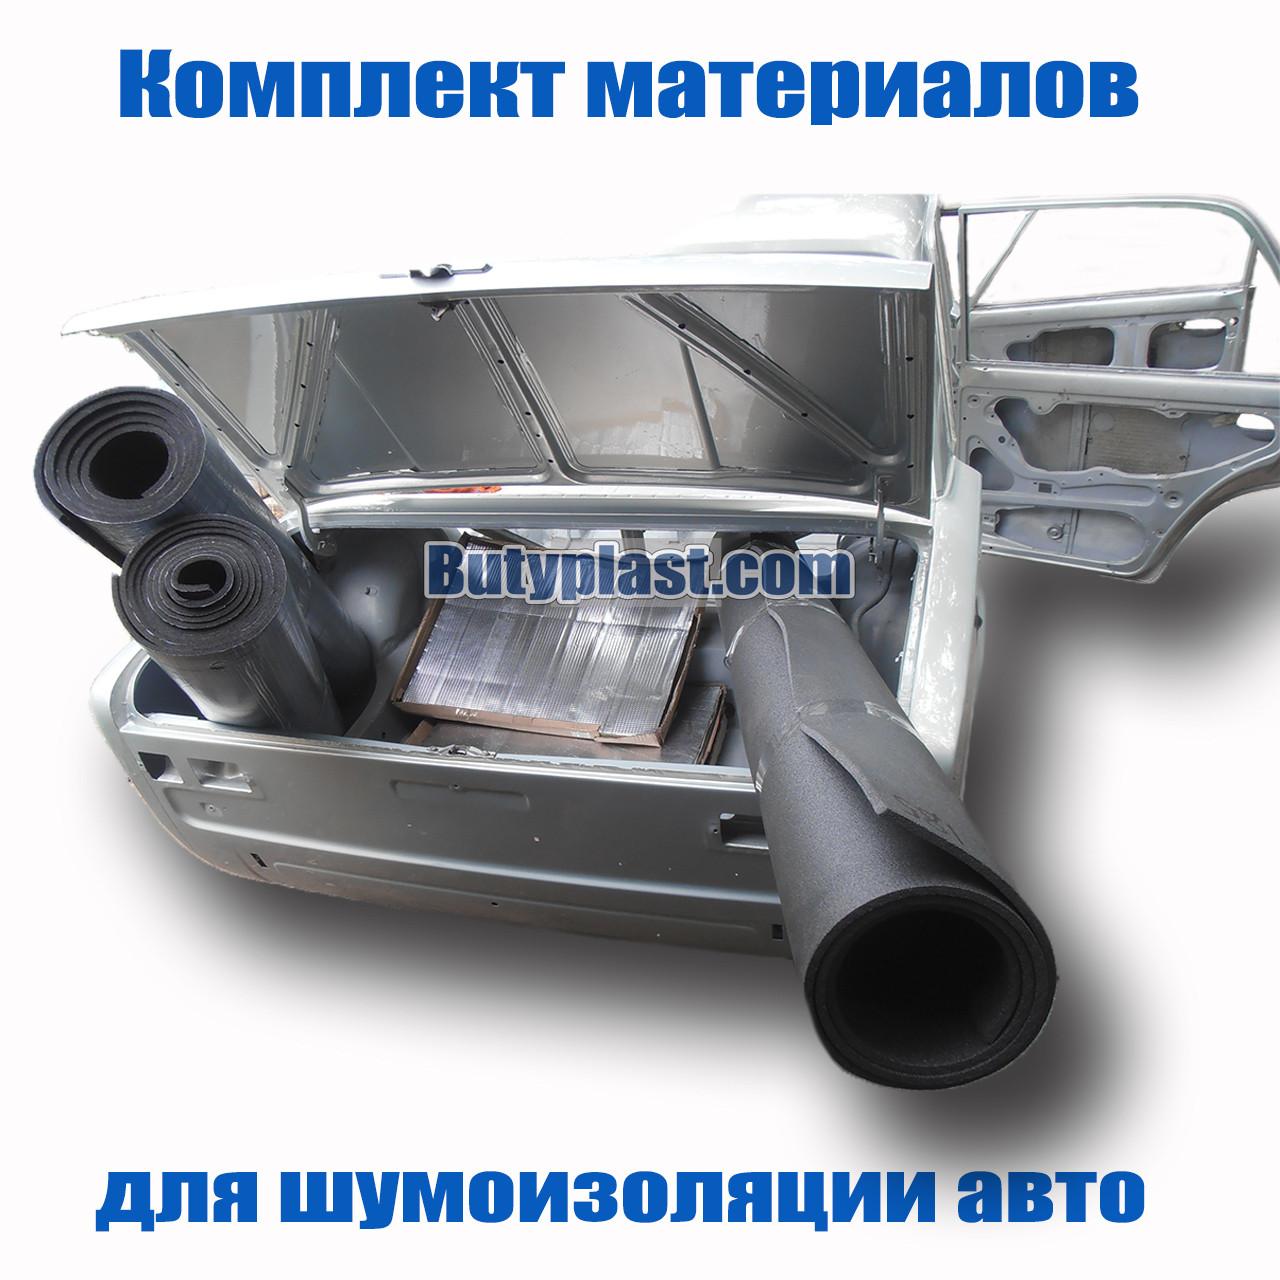 Для труб 160 мм теплоизоляция